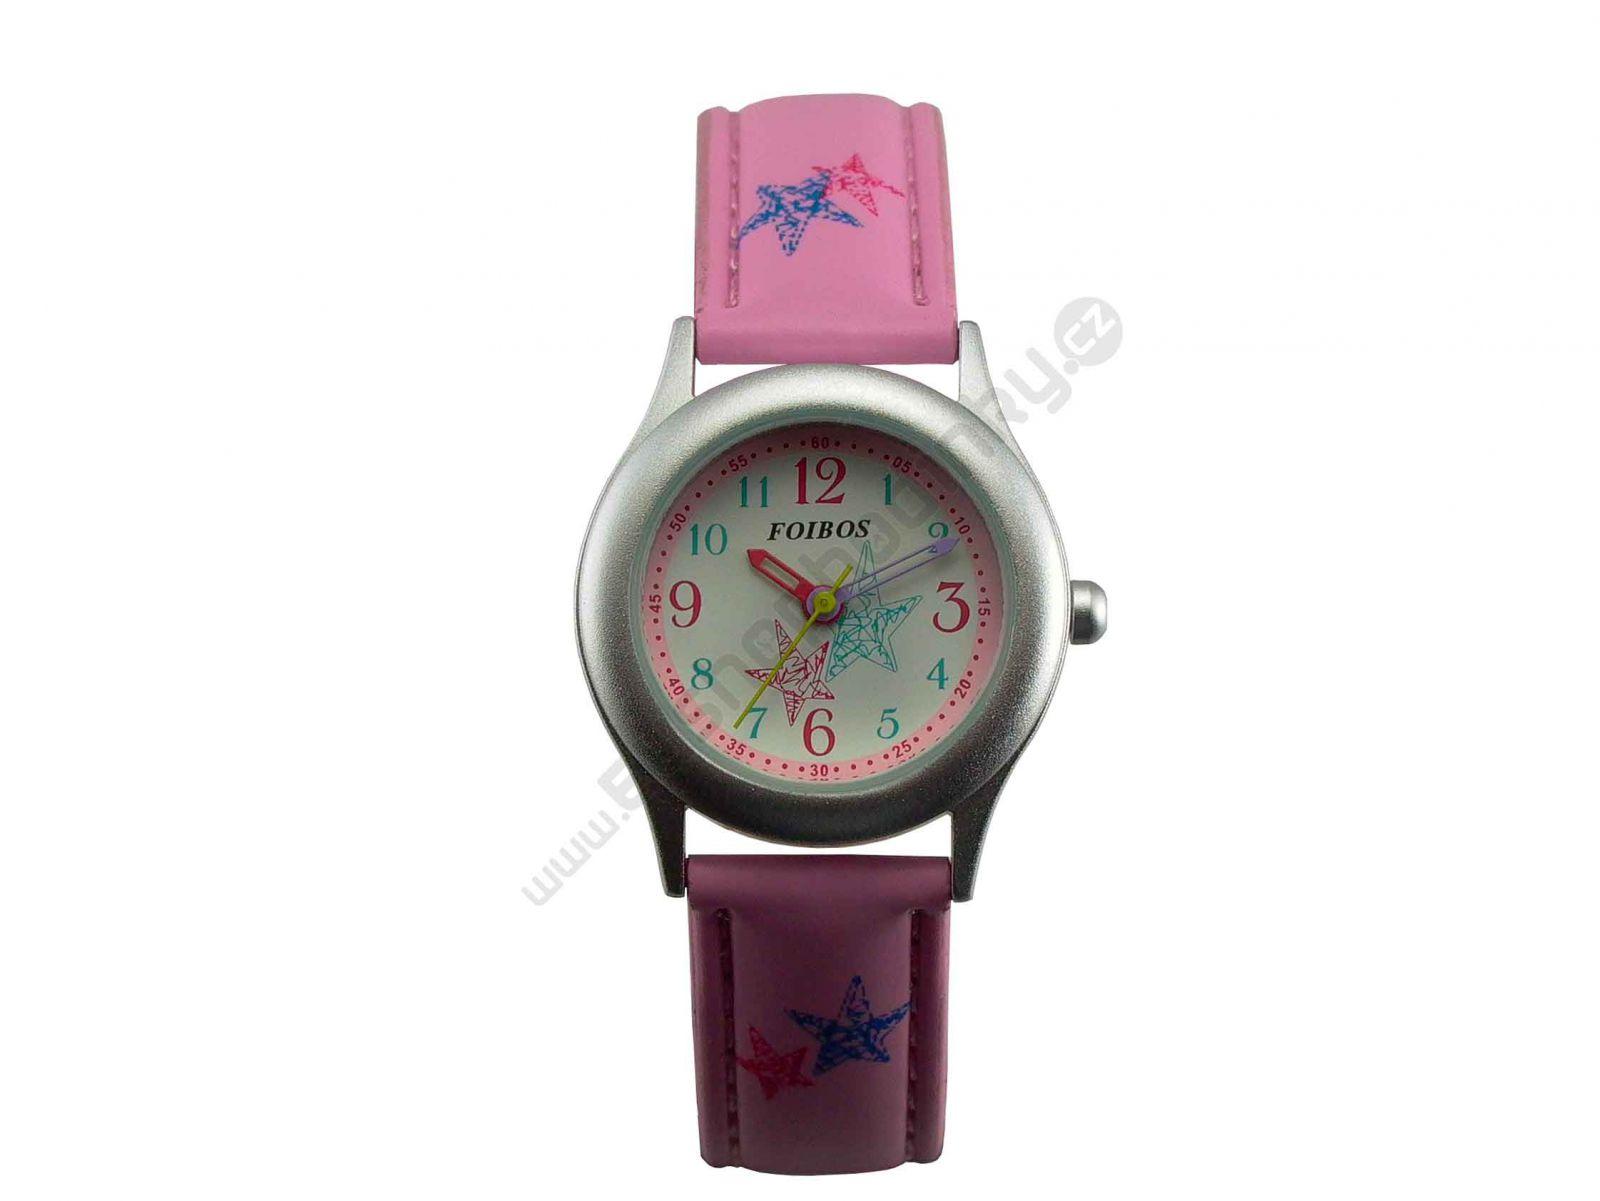 Dívčí hodinky Foibos růžové